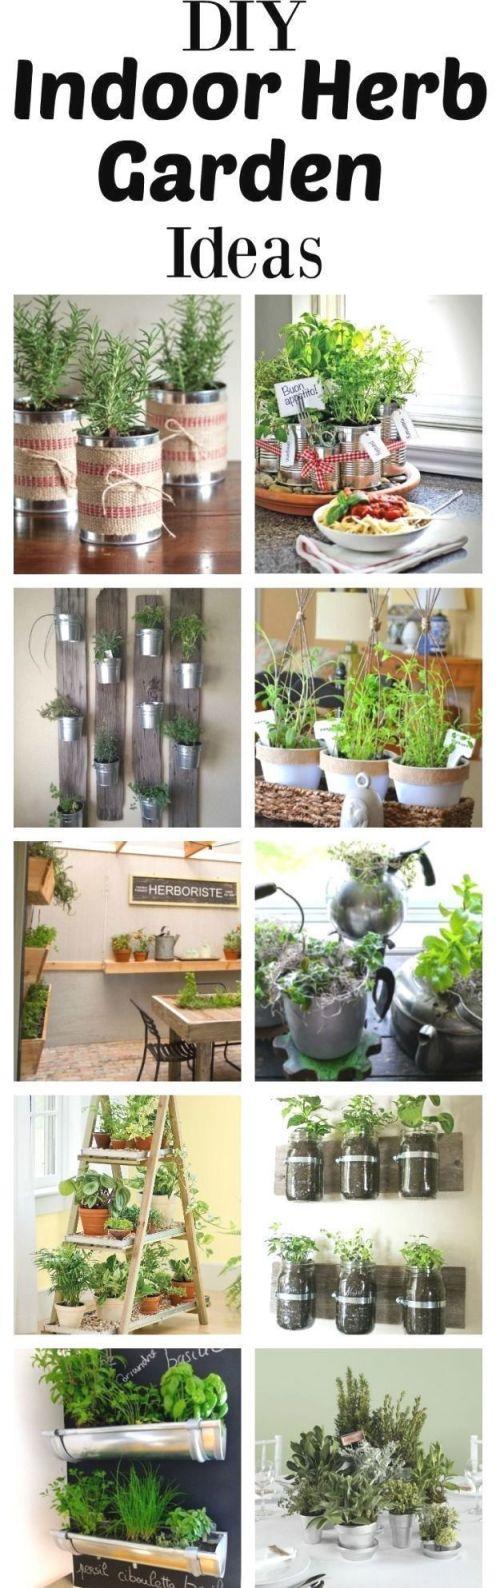 Beautiful diy indoor herb garden ideas